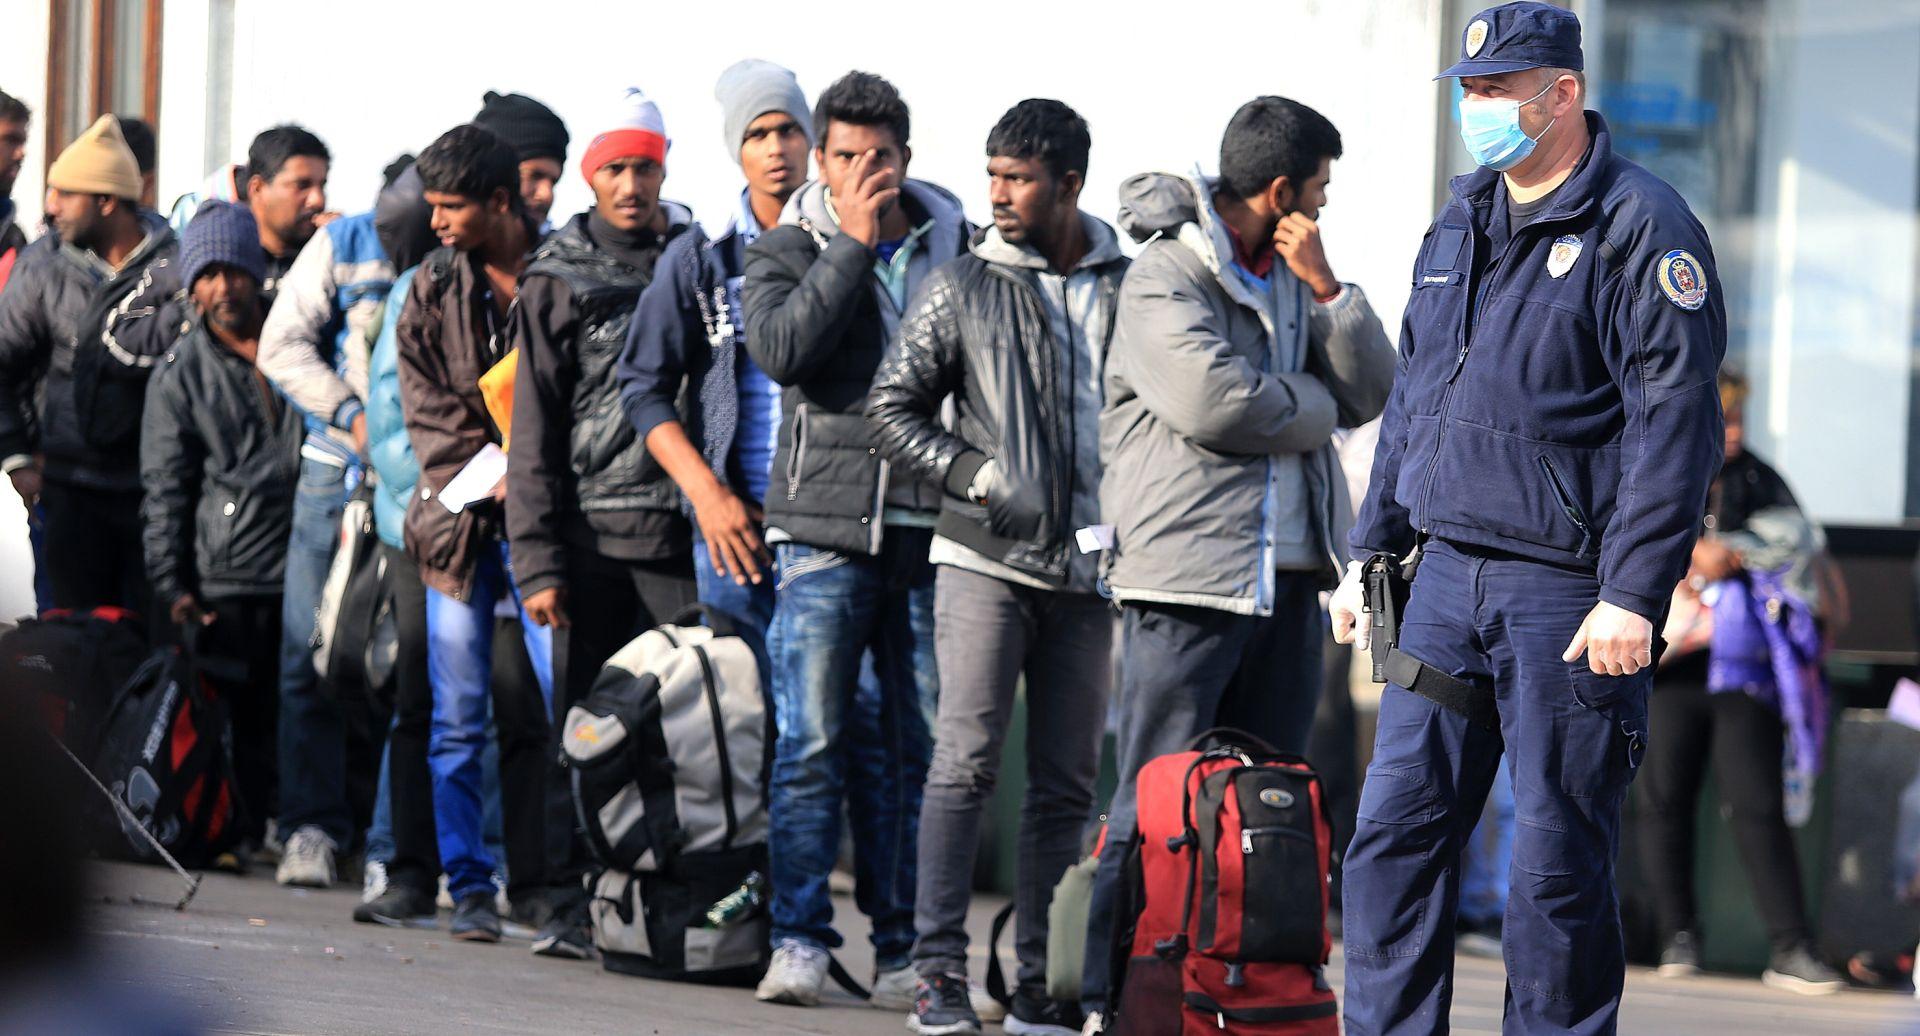 IZBJEGLICE Slavonski Brod: U 24 sata više od 6.300 migranata